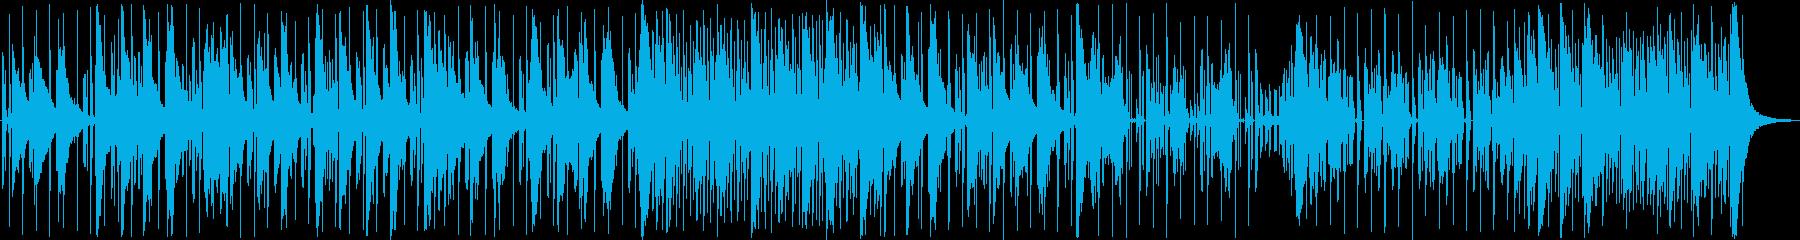 ニュース番組などのテクノ系BGMの再生済みの波形